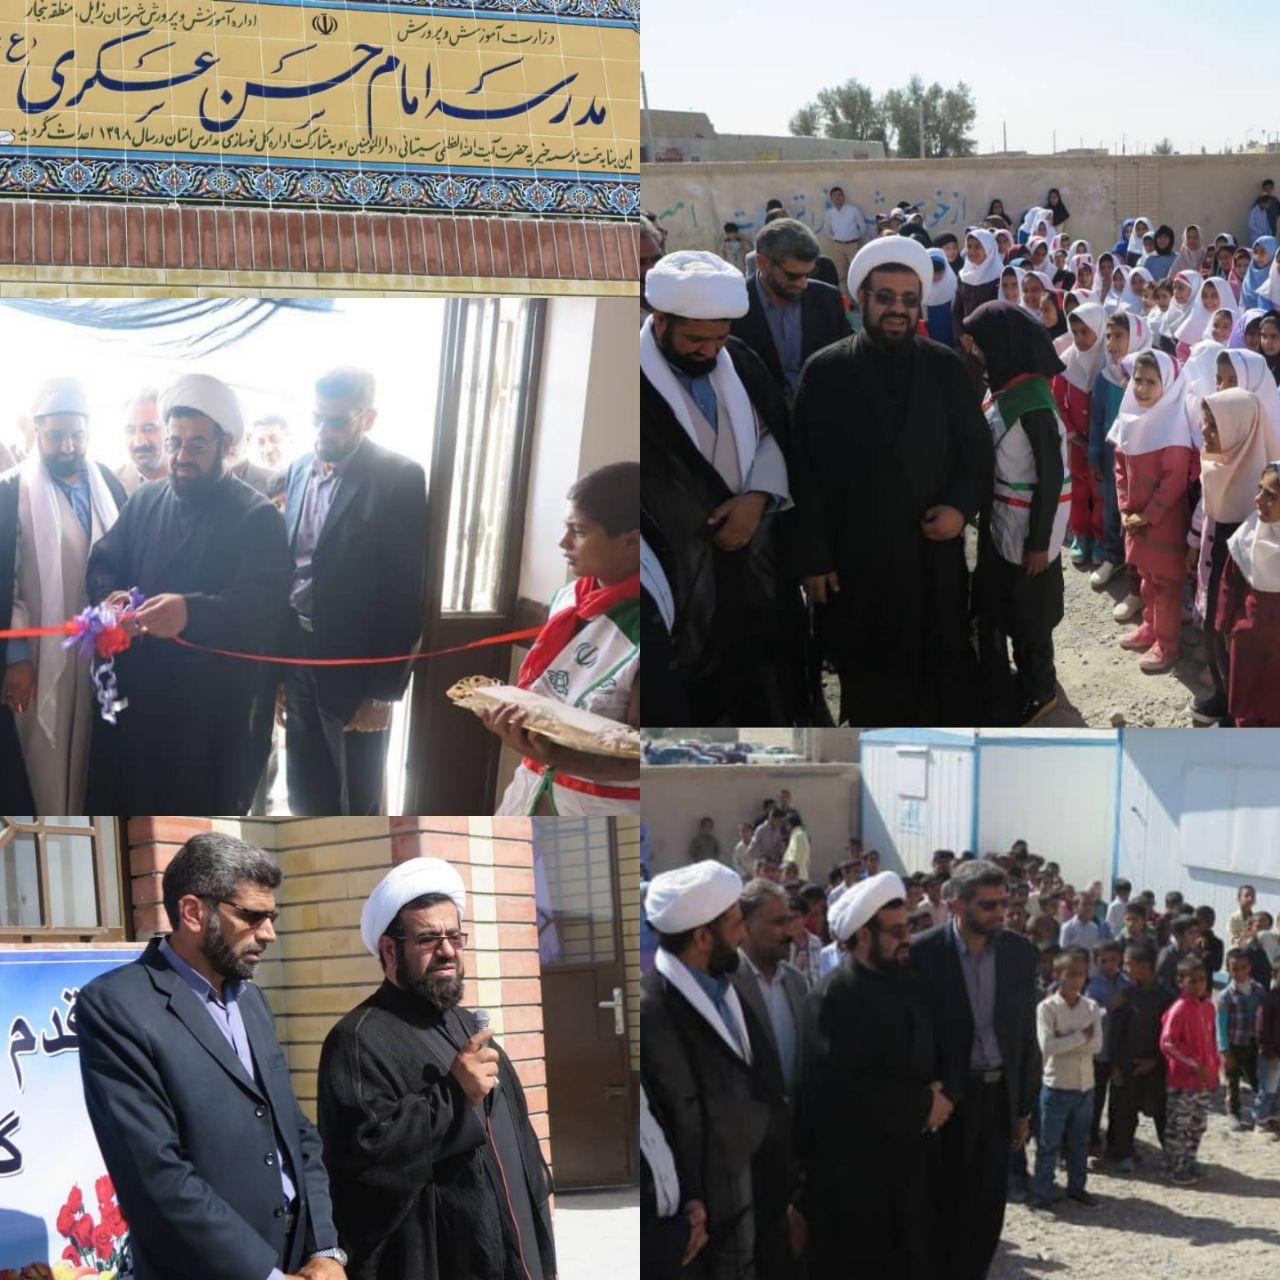 افتتاح مدرسه شش کلاسه امام حسن عسکری(ع) فتح آباد در زابل